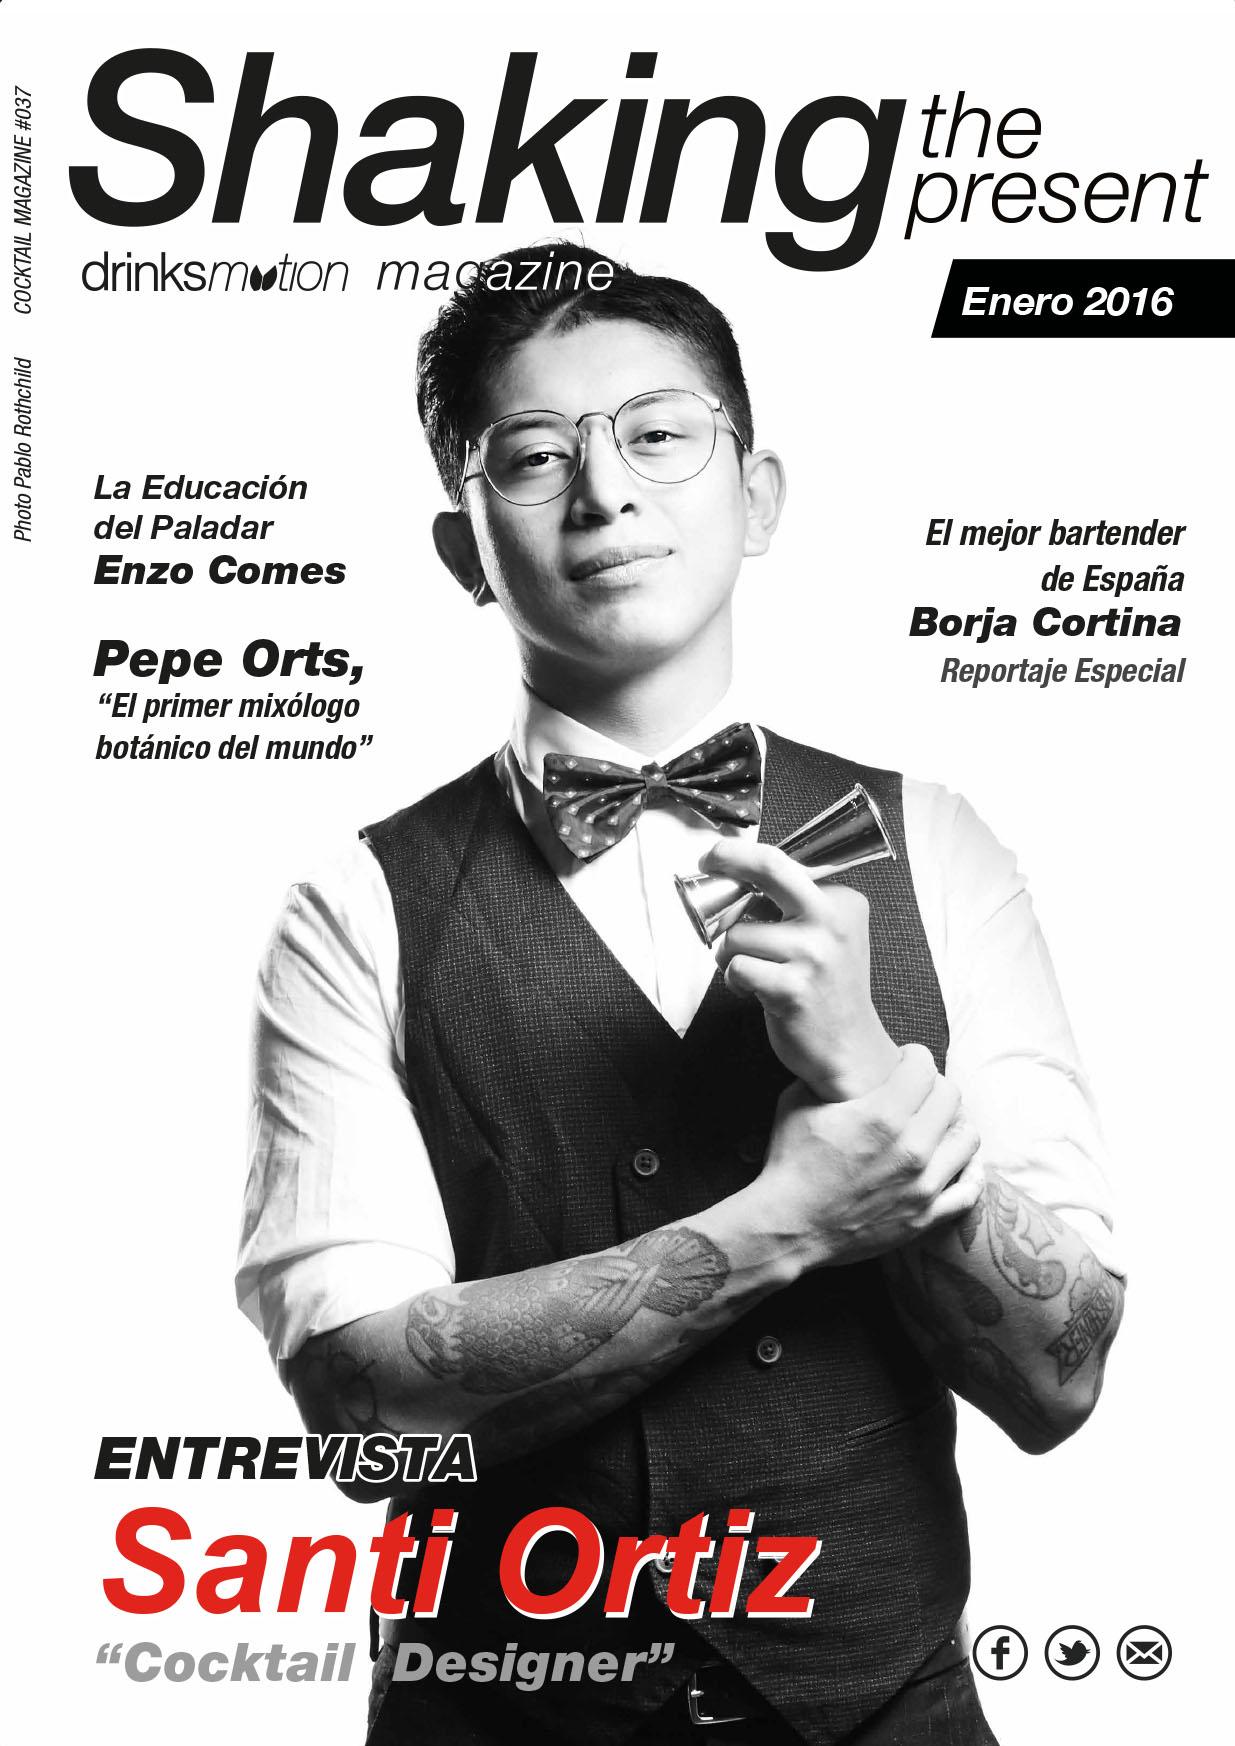 Magazine #26 Enero 2016 – Santi Ortíz